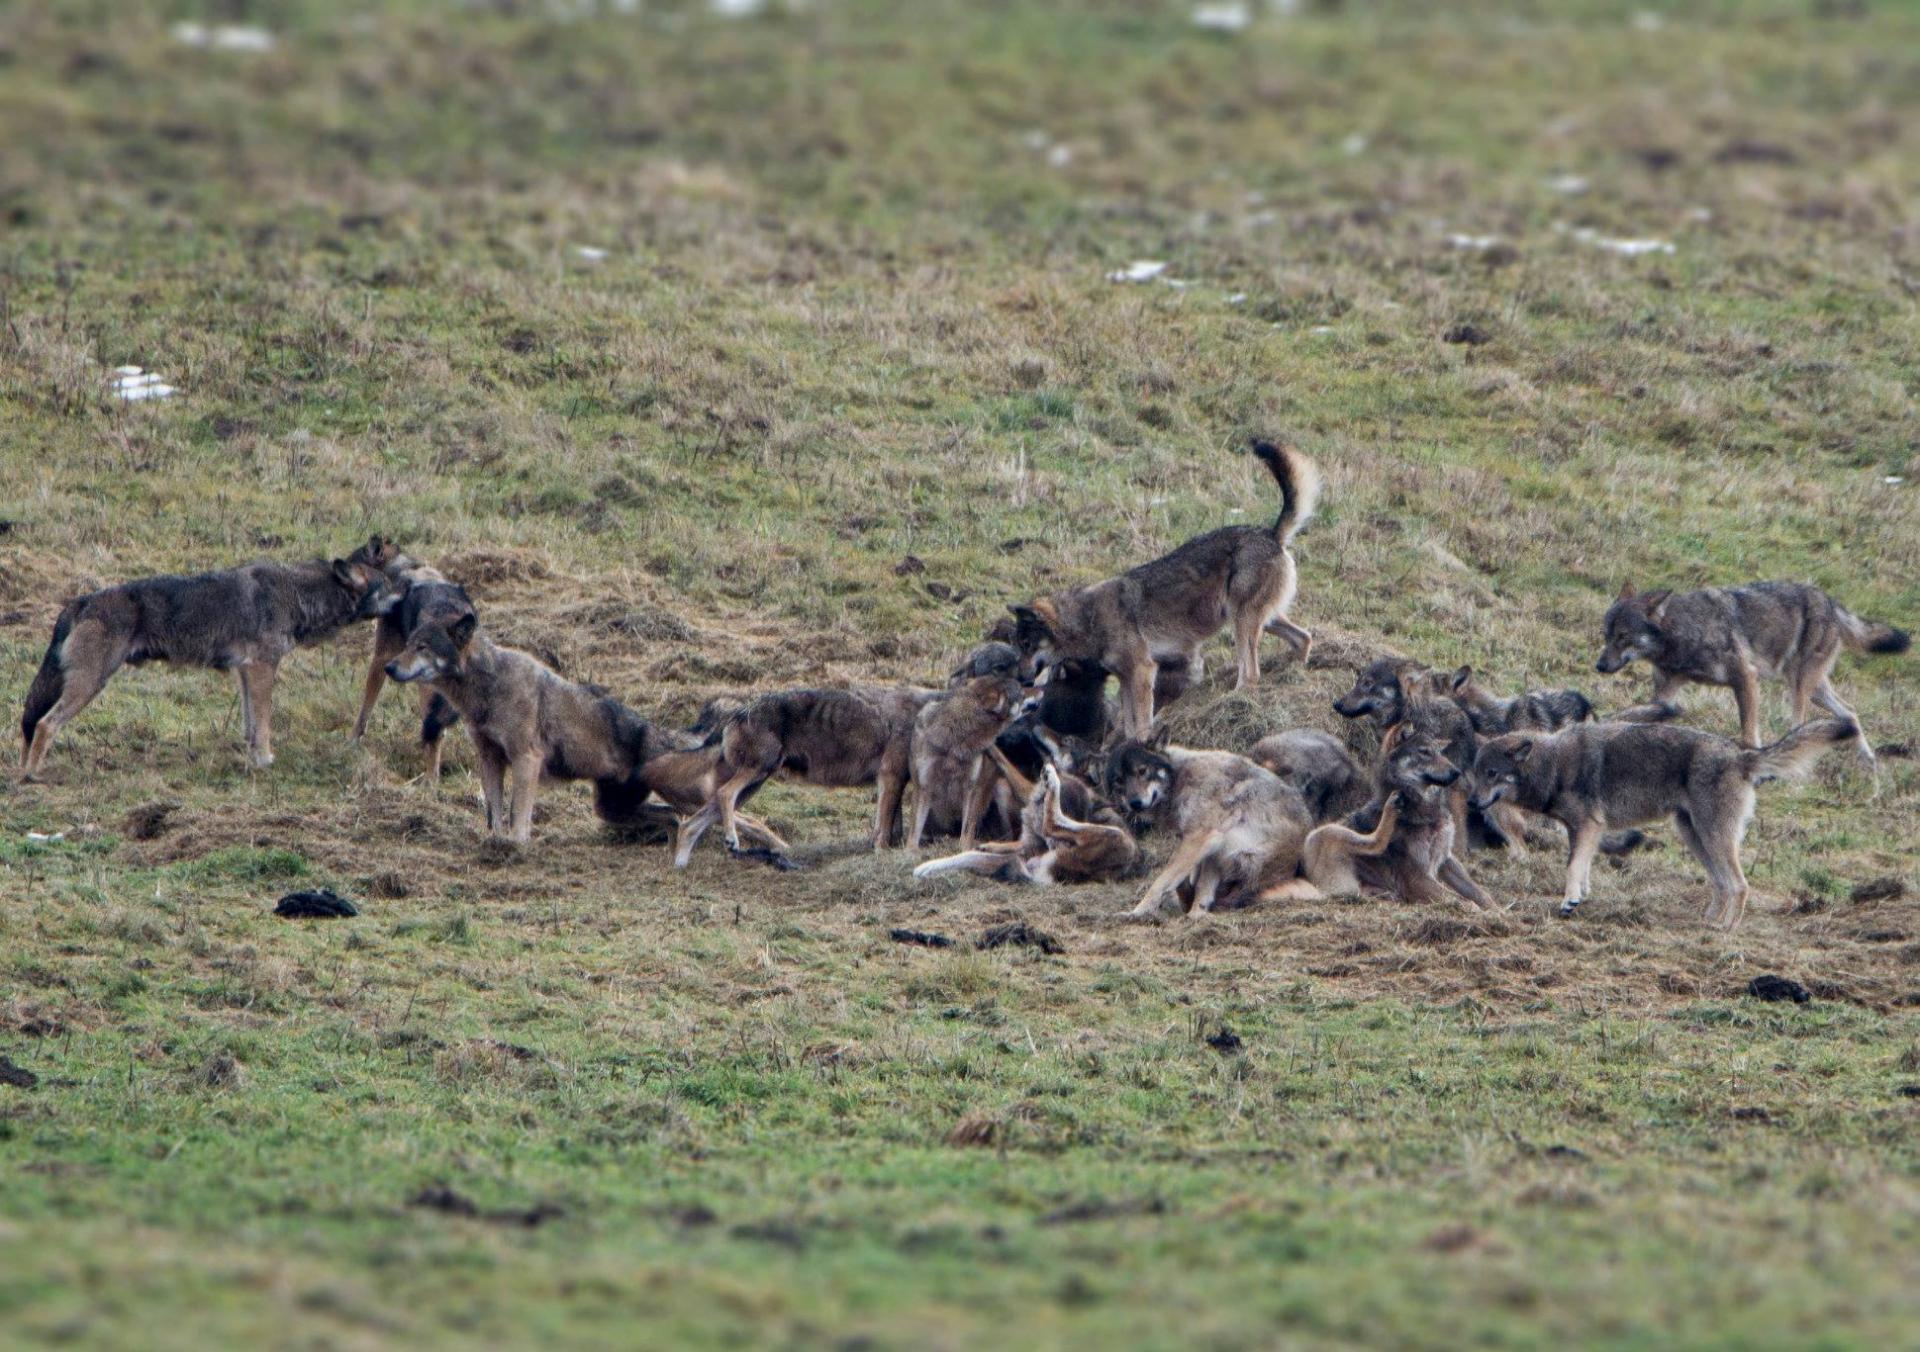 Hiver Pologne : La Plus Grande Meute De Loups D'Europe du 01 au 10/02/2020 - COMPLET